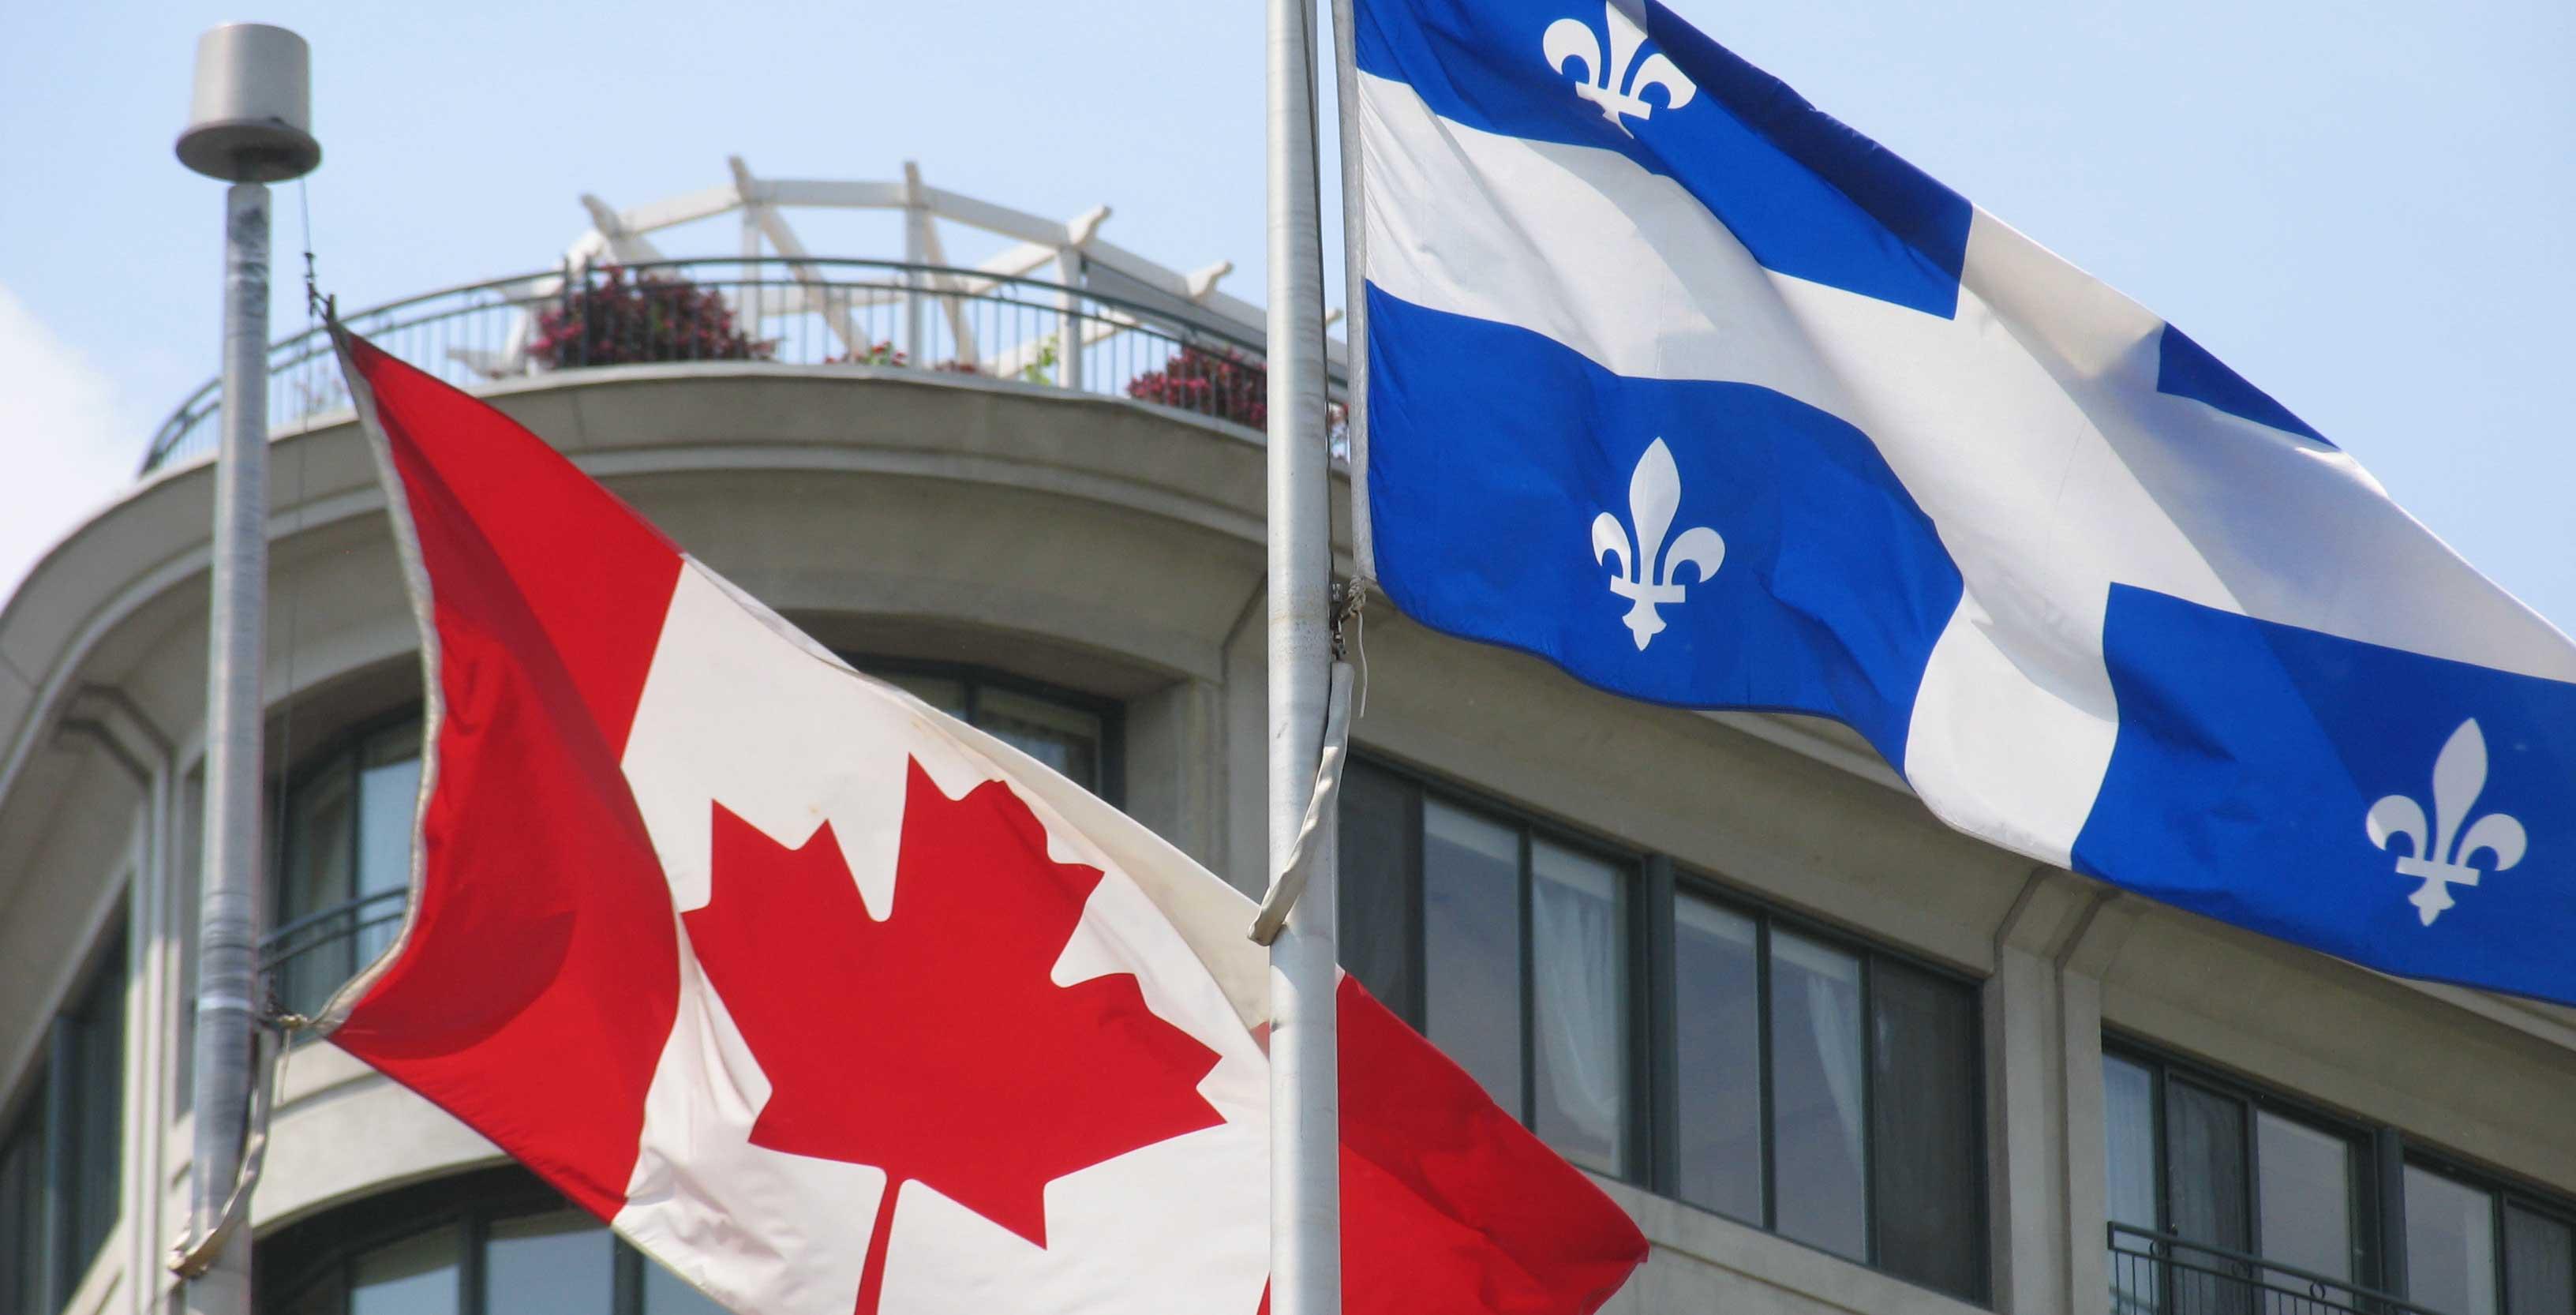 Quebec Canada flag